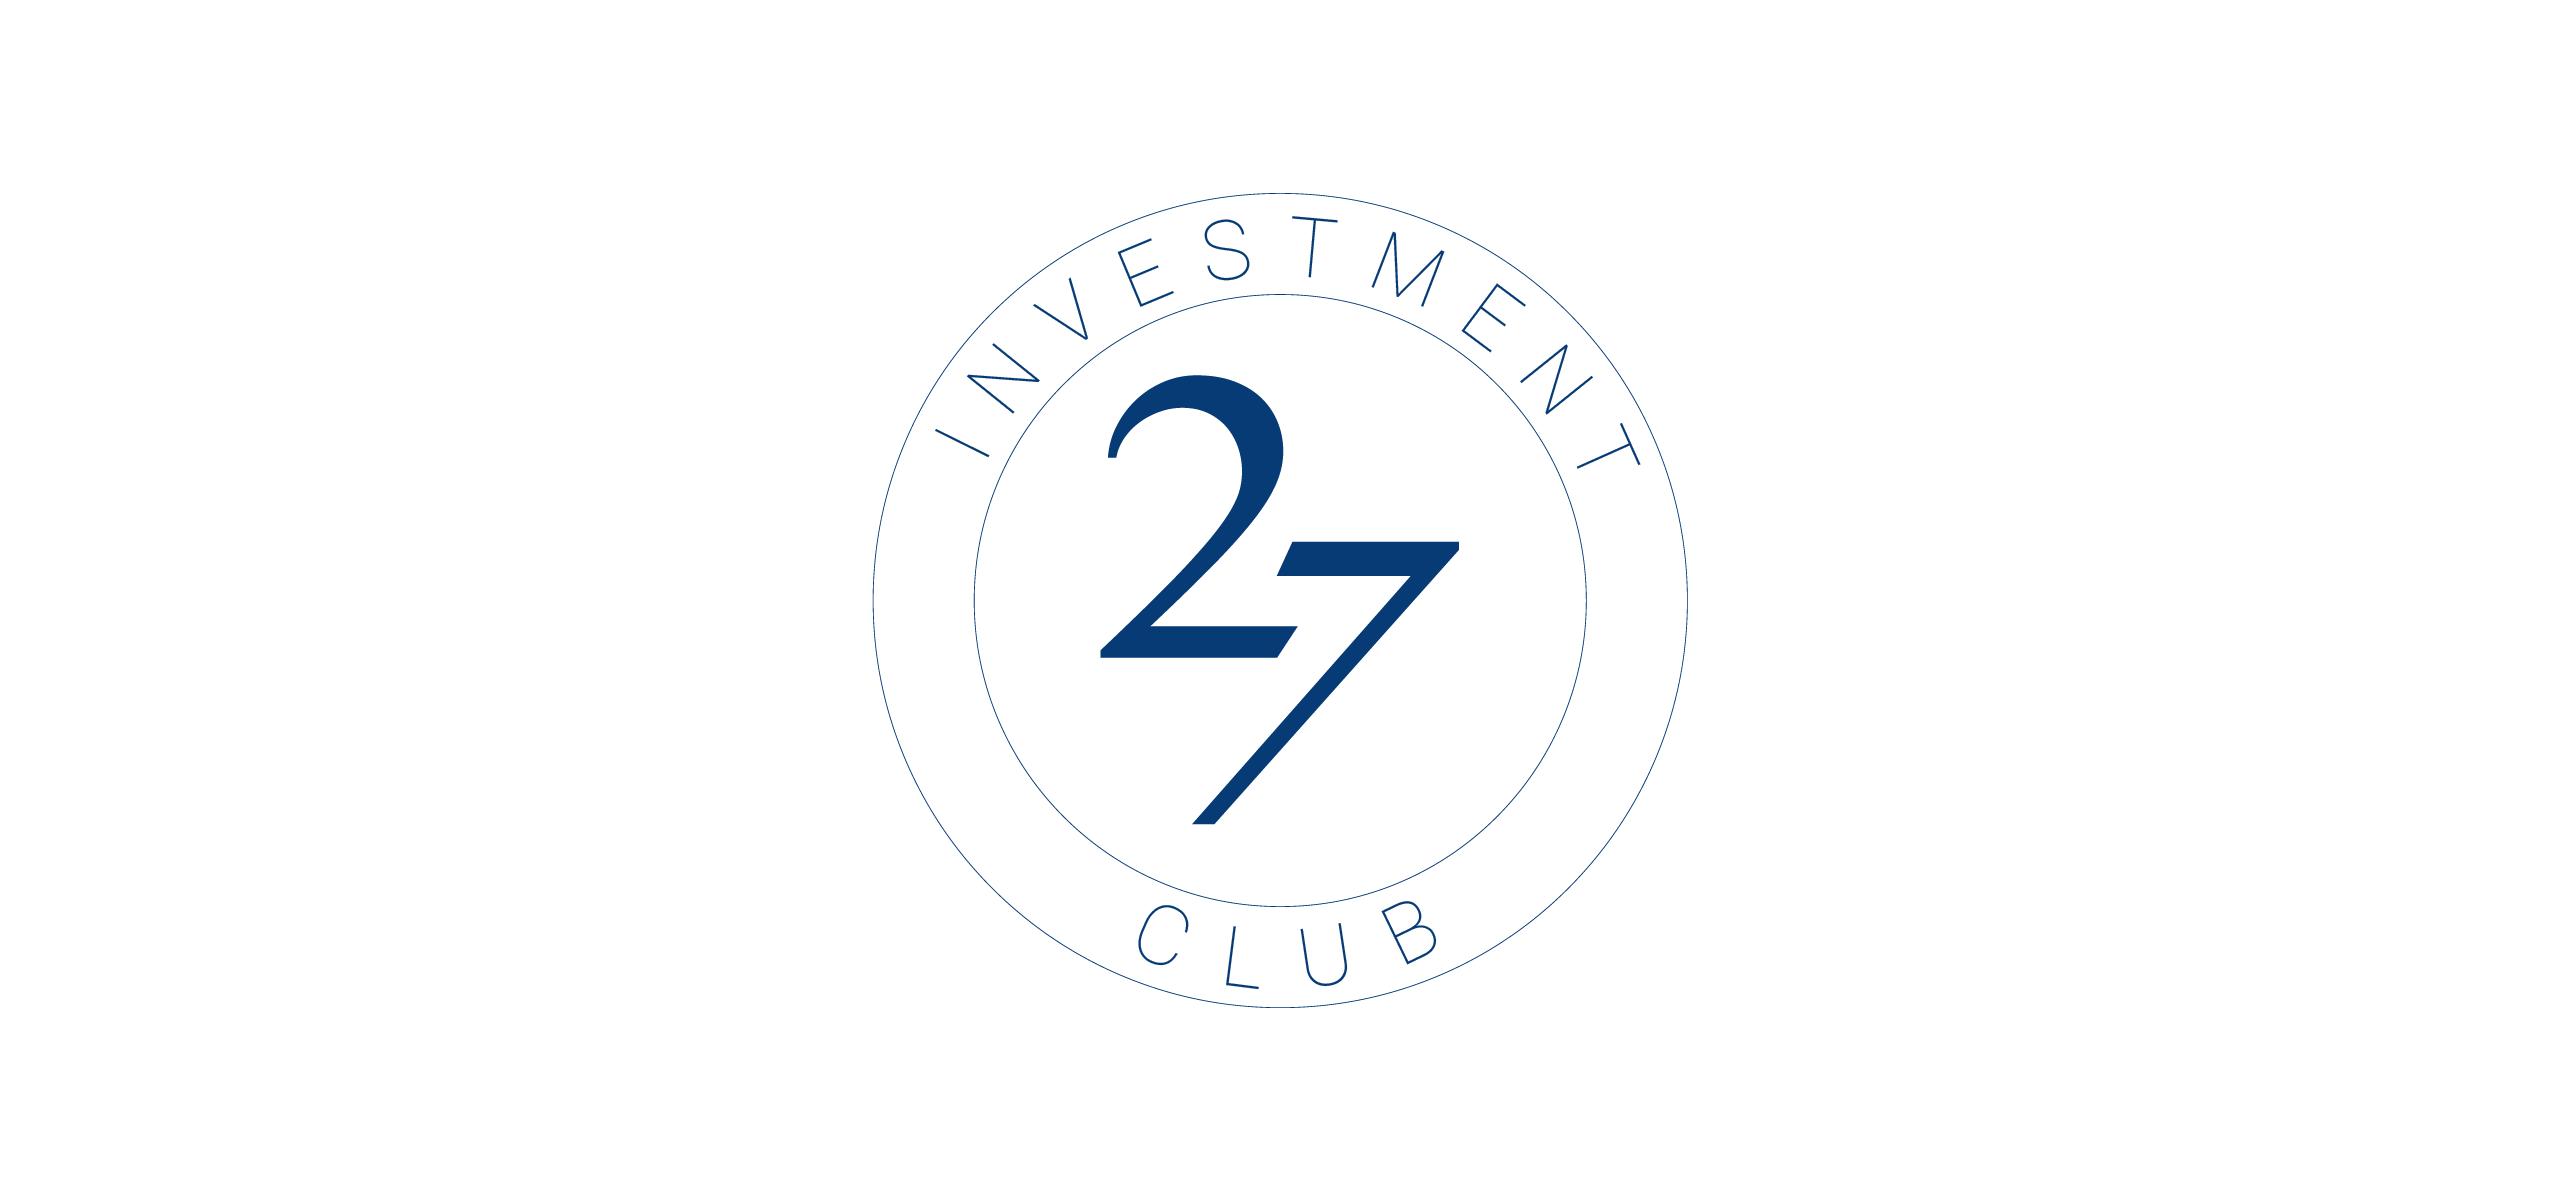 Création de l'agence Cassian pour 27 Club